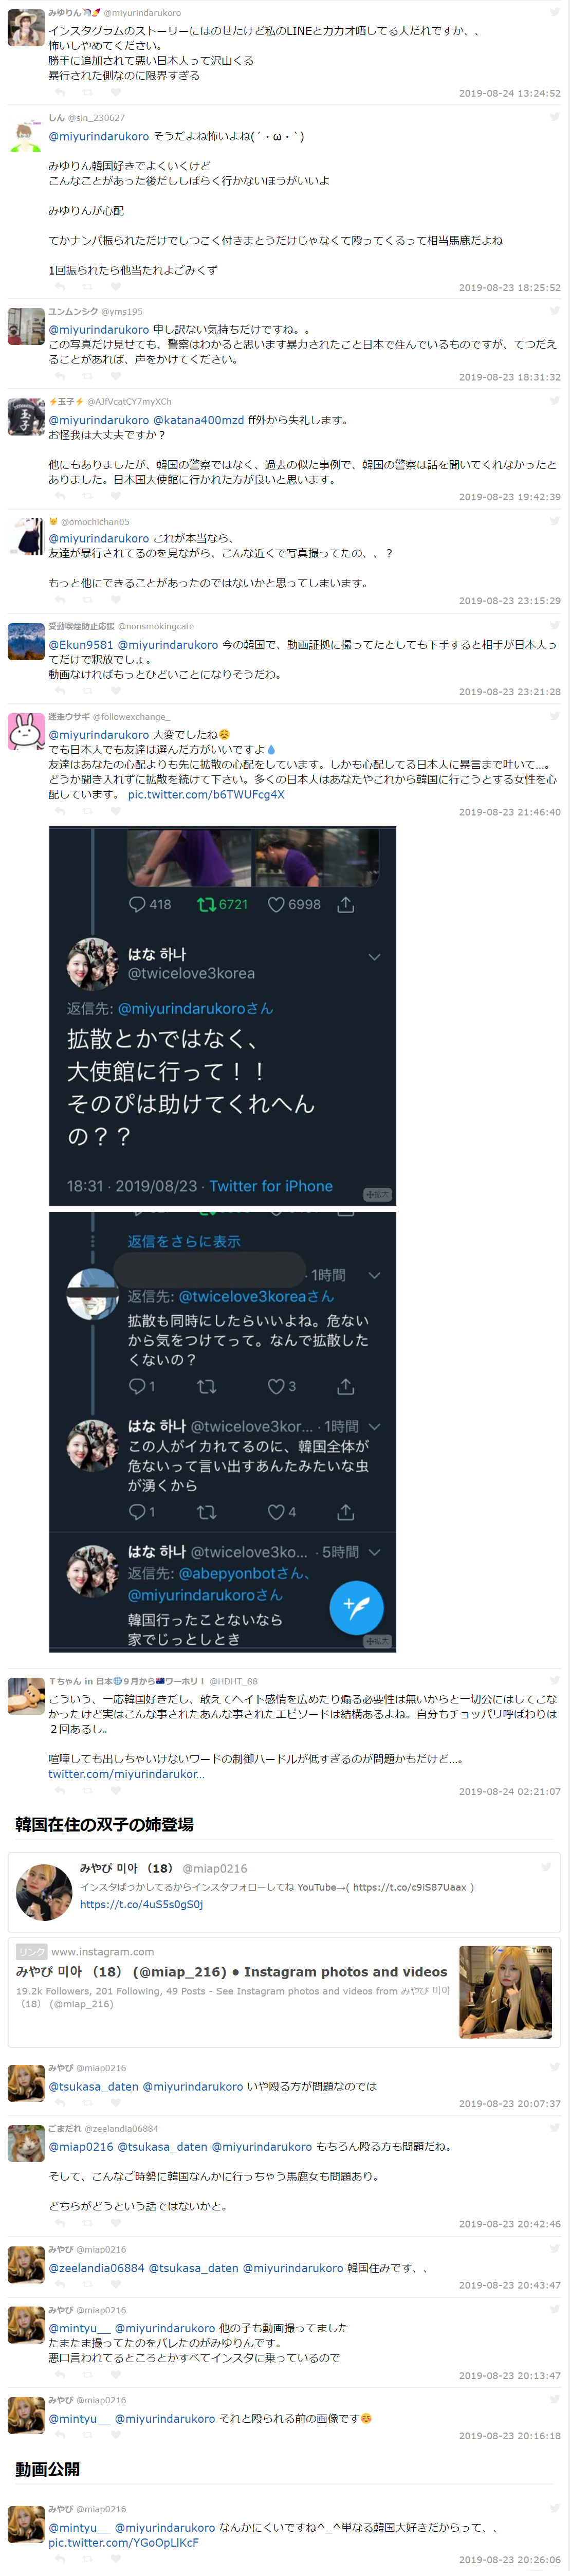 日本人女子が下朝鮮で暴行される2